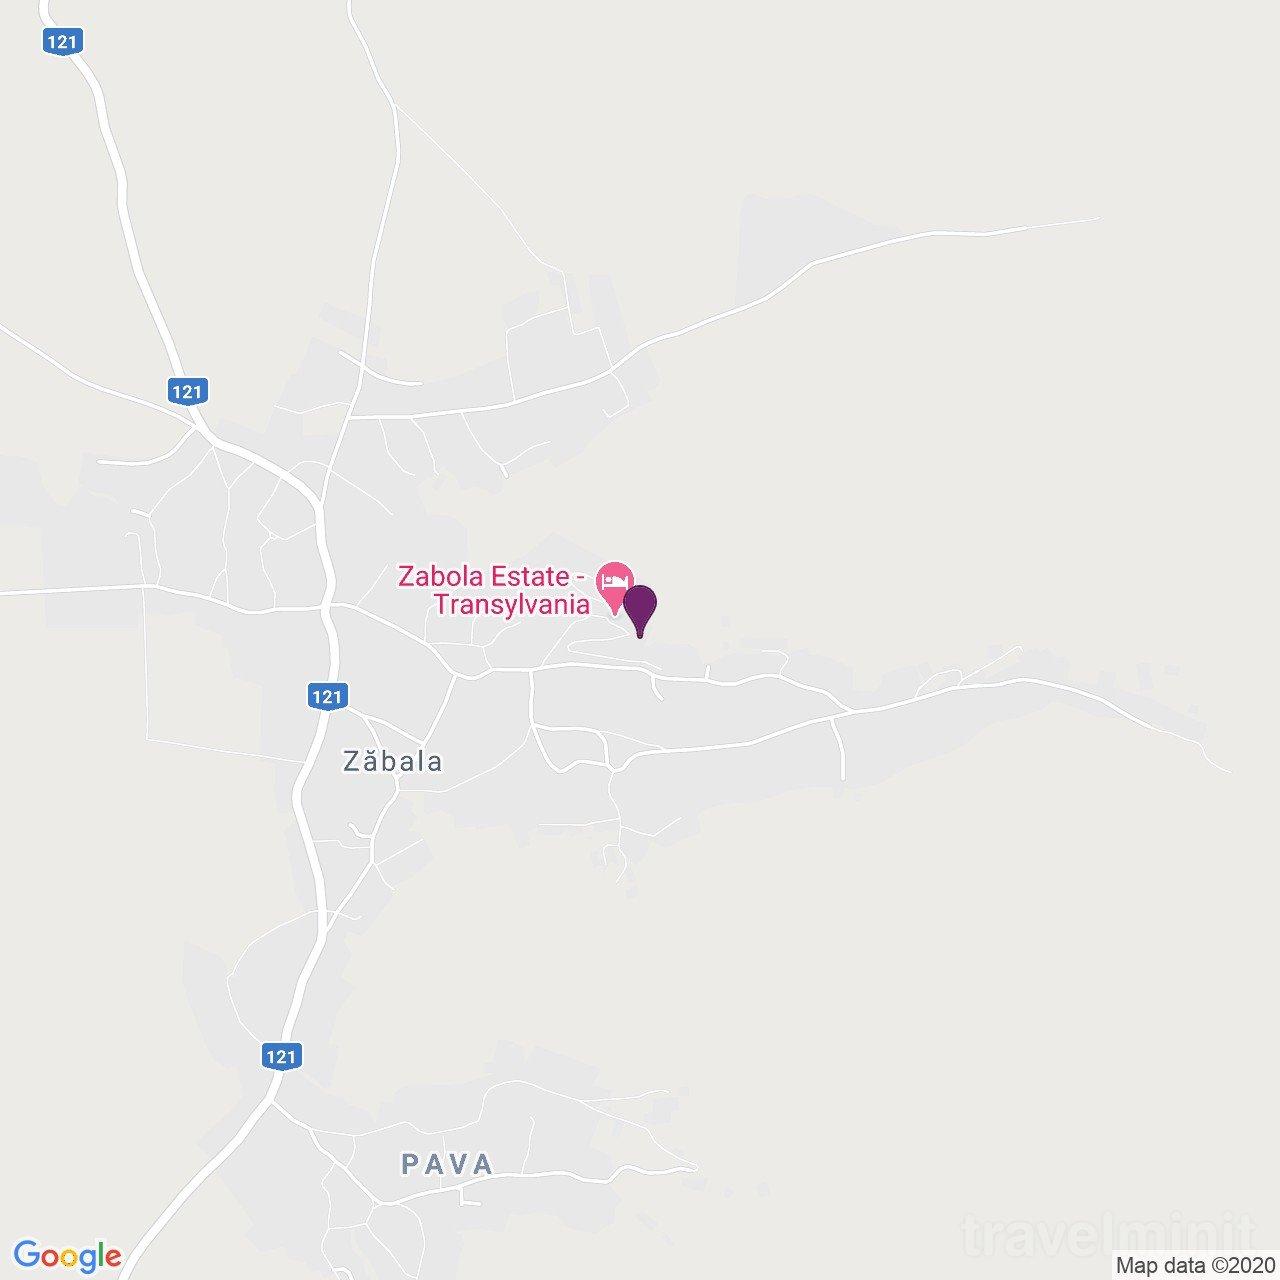 Zabola Estate Zabola